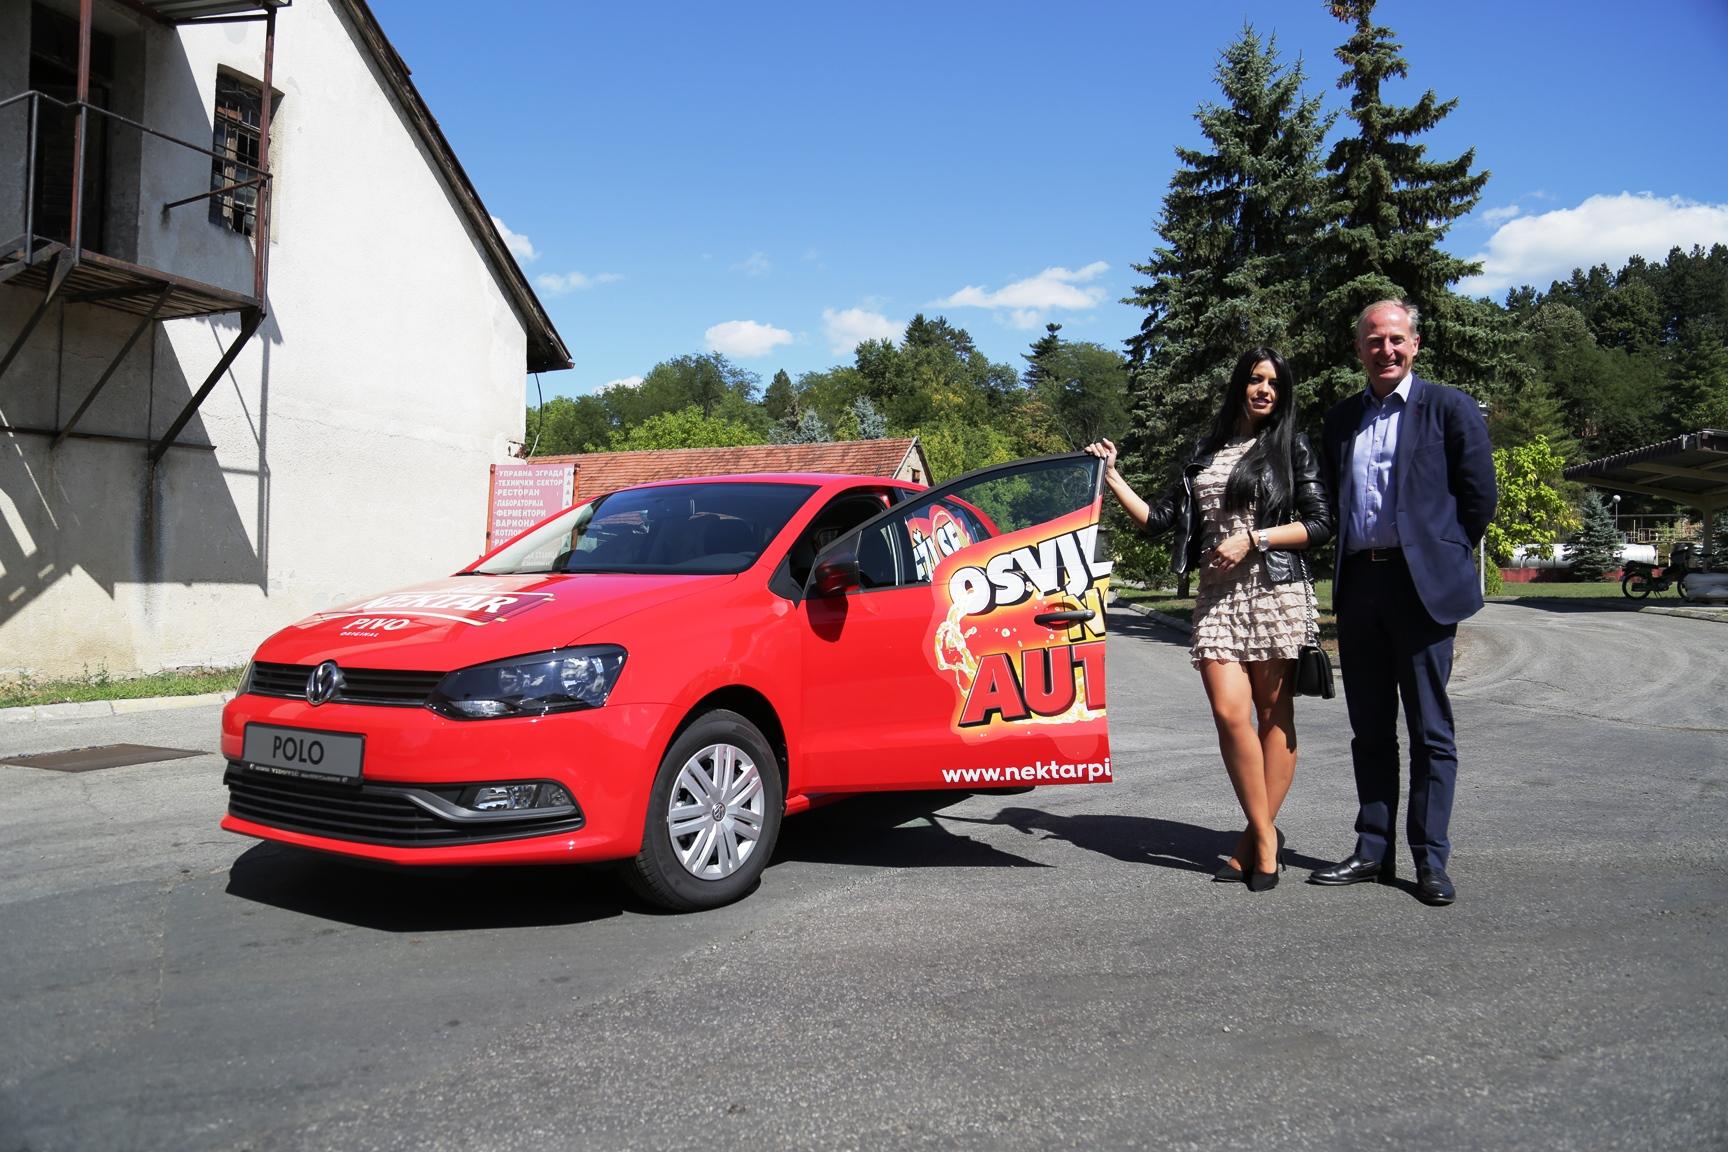 Nataša Vasović iz Bijeljine preuzela glavnu nagradu VW Polo